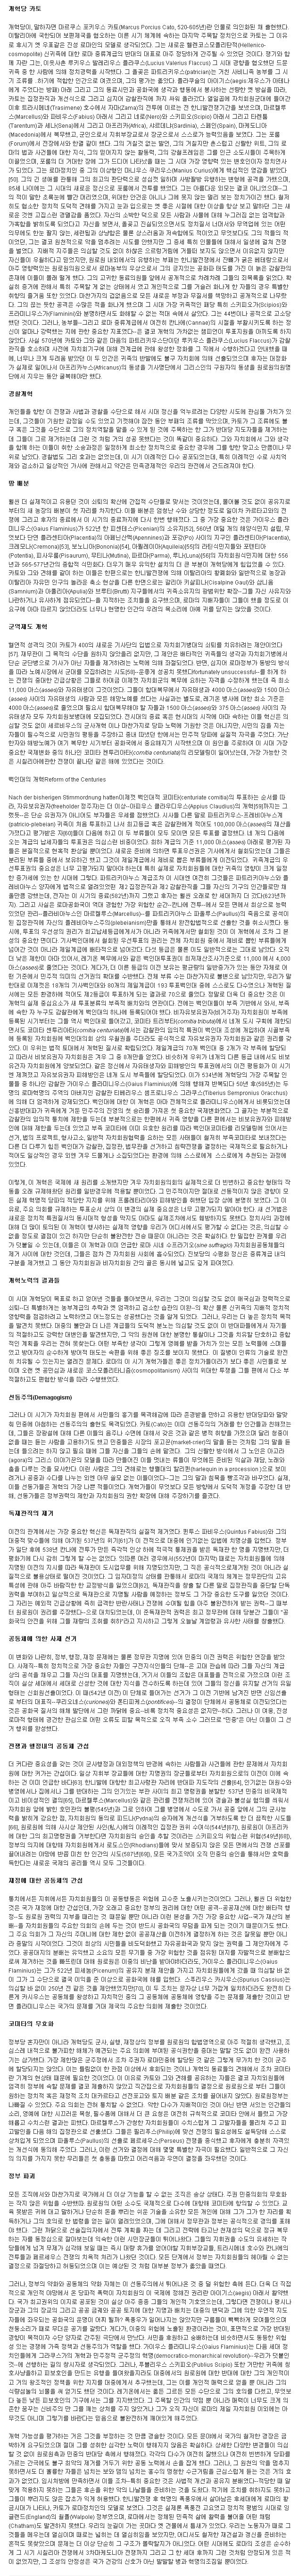 개혁과 좌절 (11장 주석 붙임) - 몸젠로마사3권 35